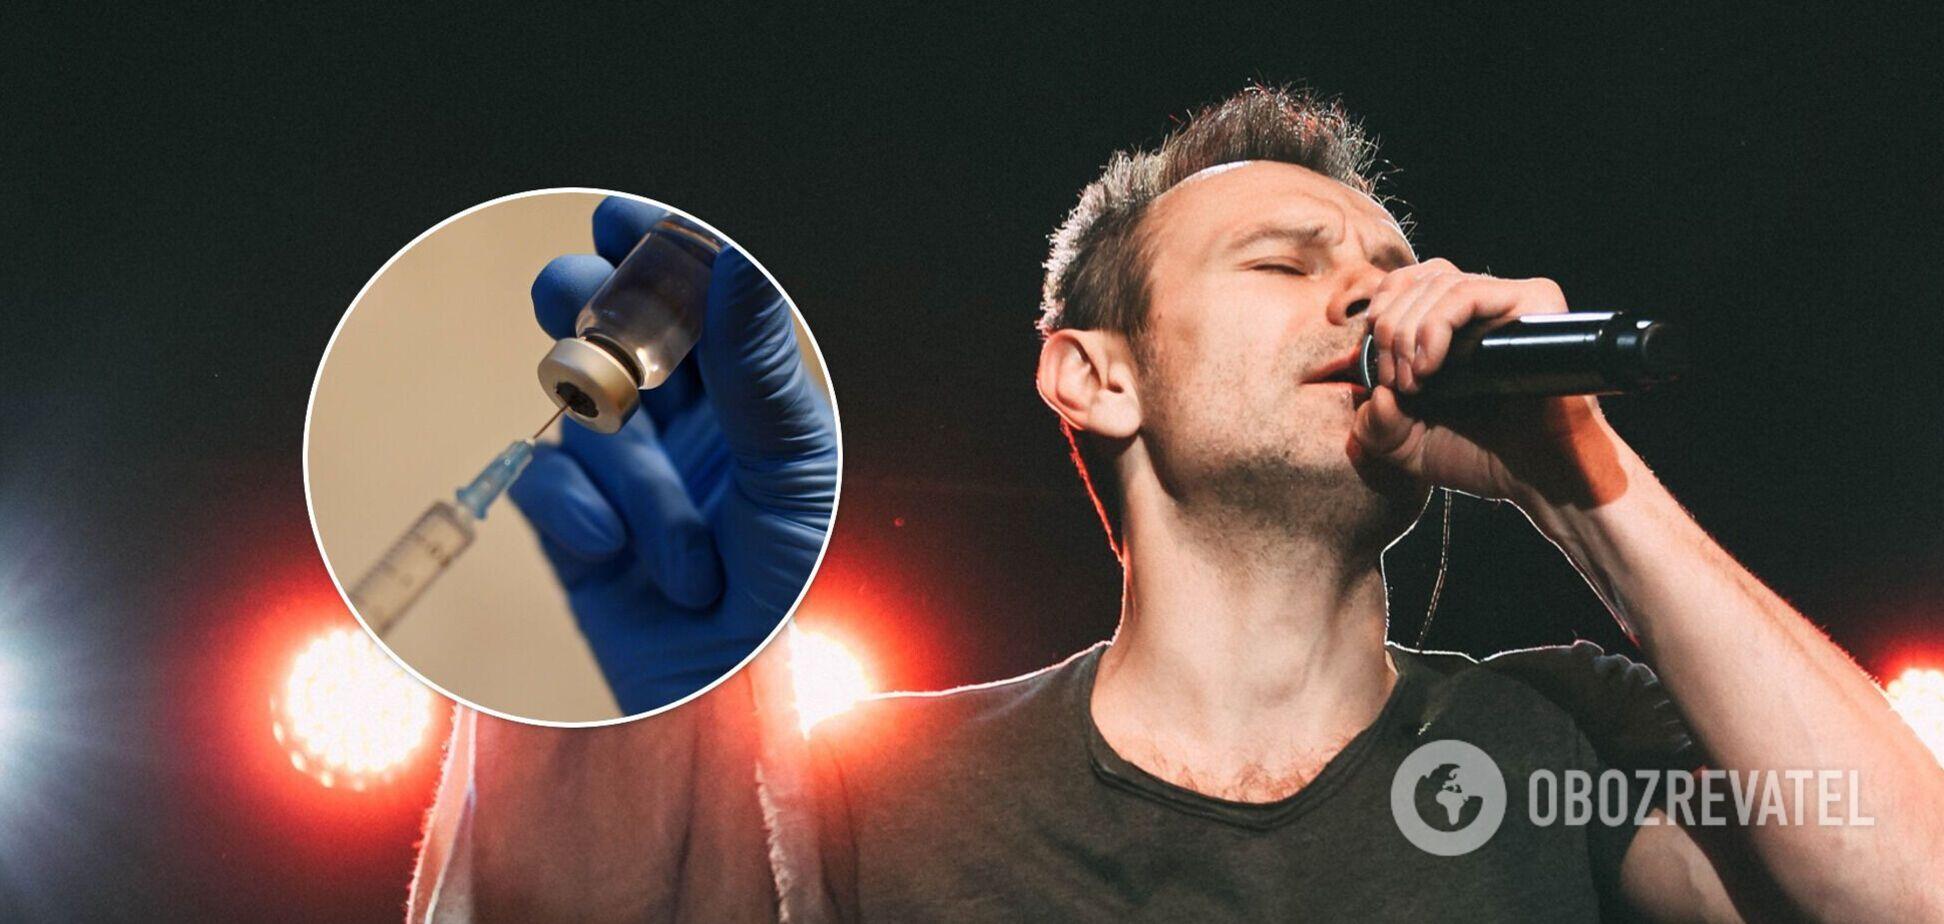 На бесплатный концерт 'Океана Эльзы' во Львове пустят только вакцинированных